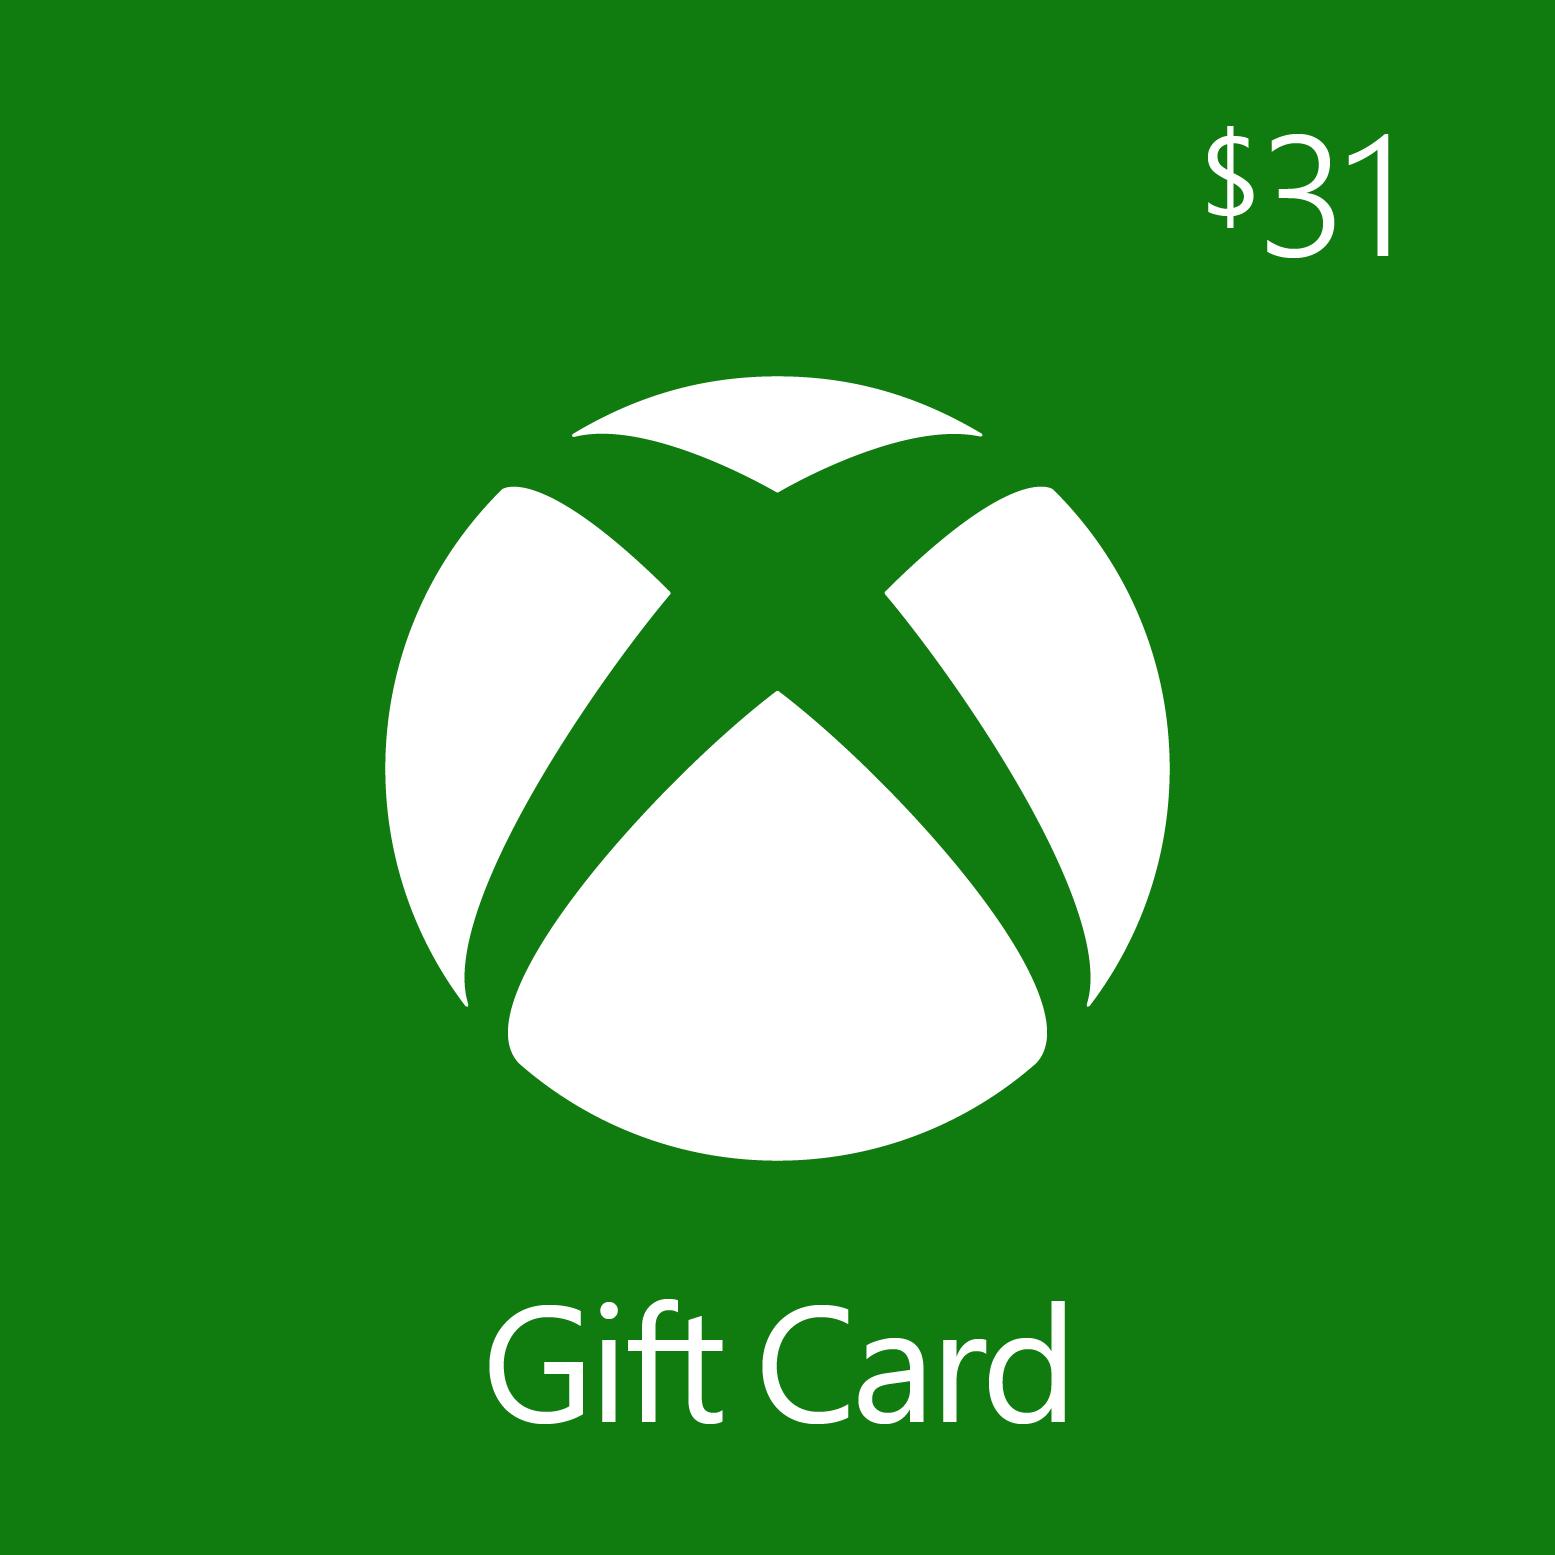 $31.00 Xbox Digital Gift Card